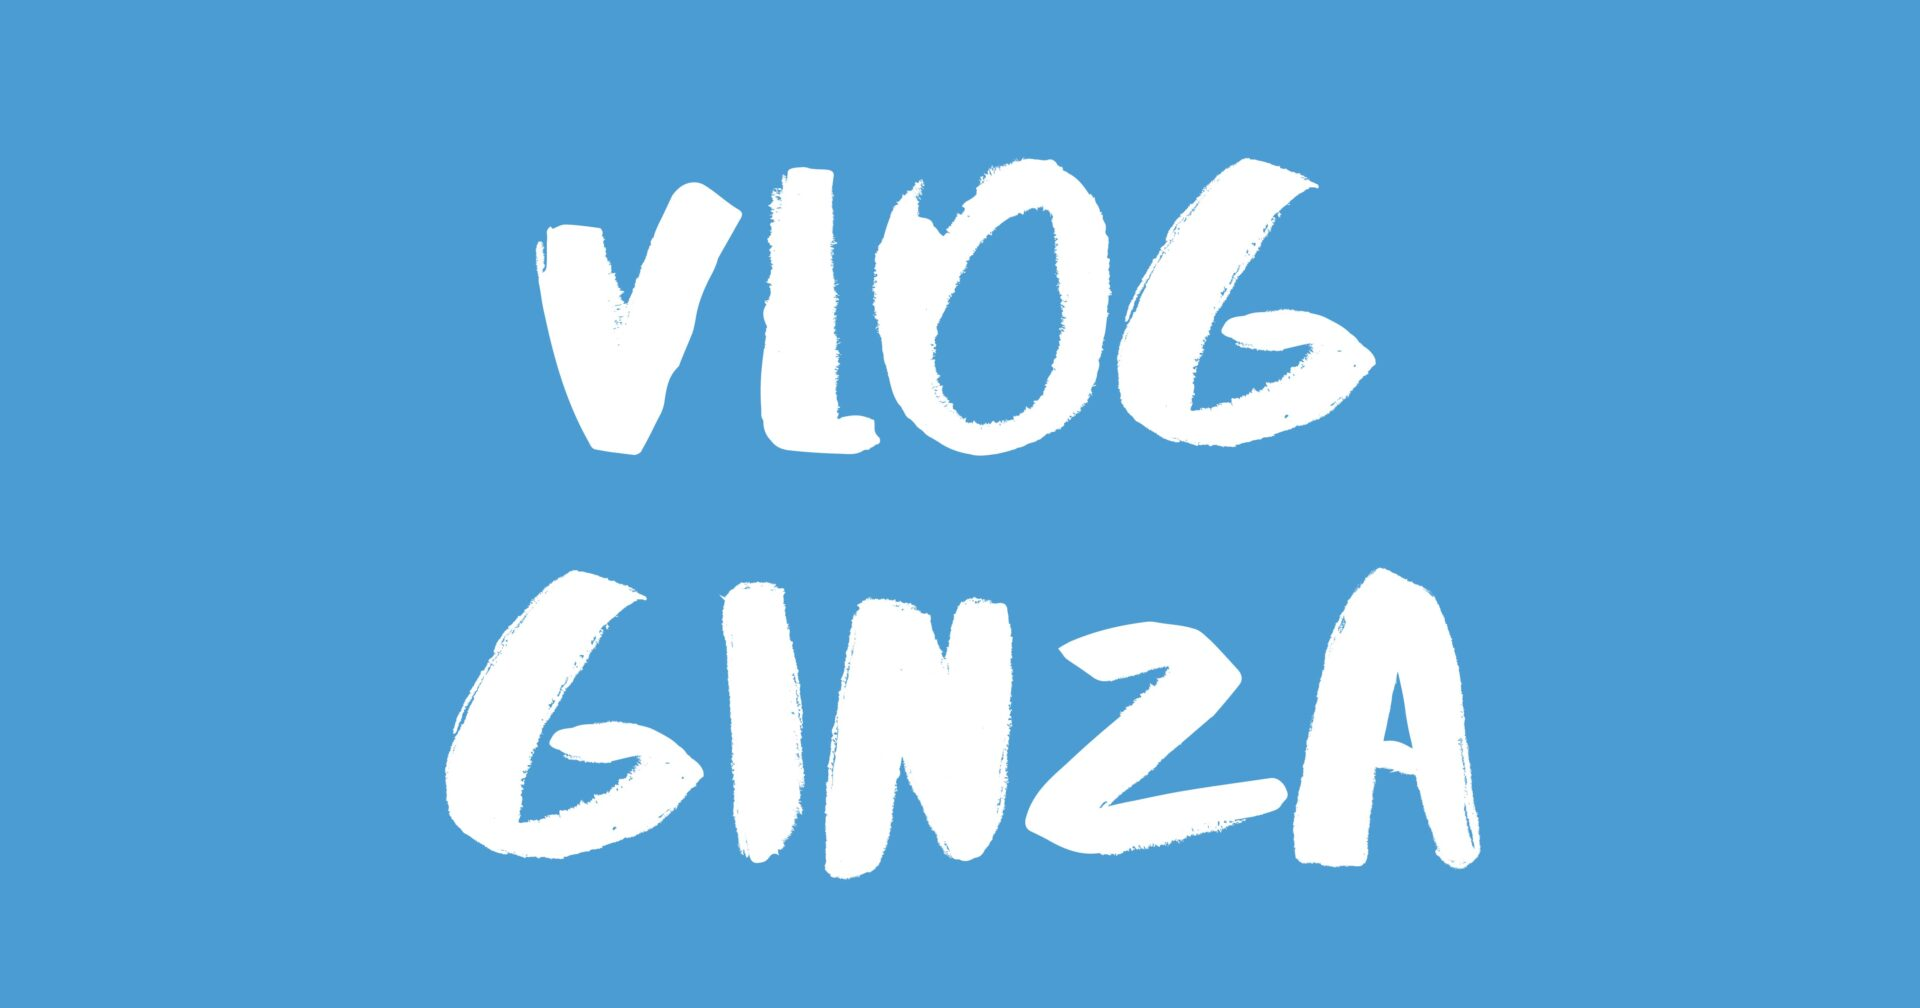 [Vlog] 銀座 / Ginza